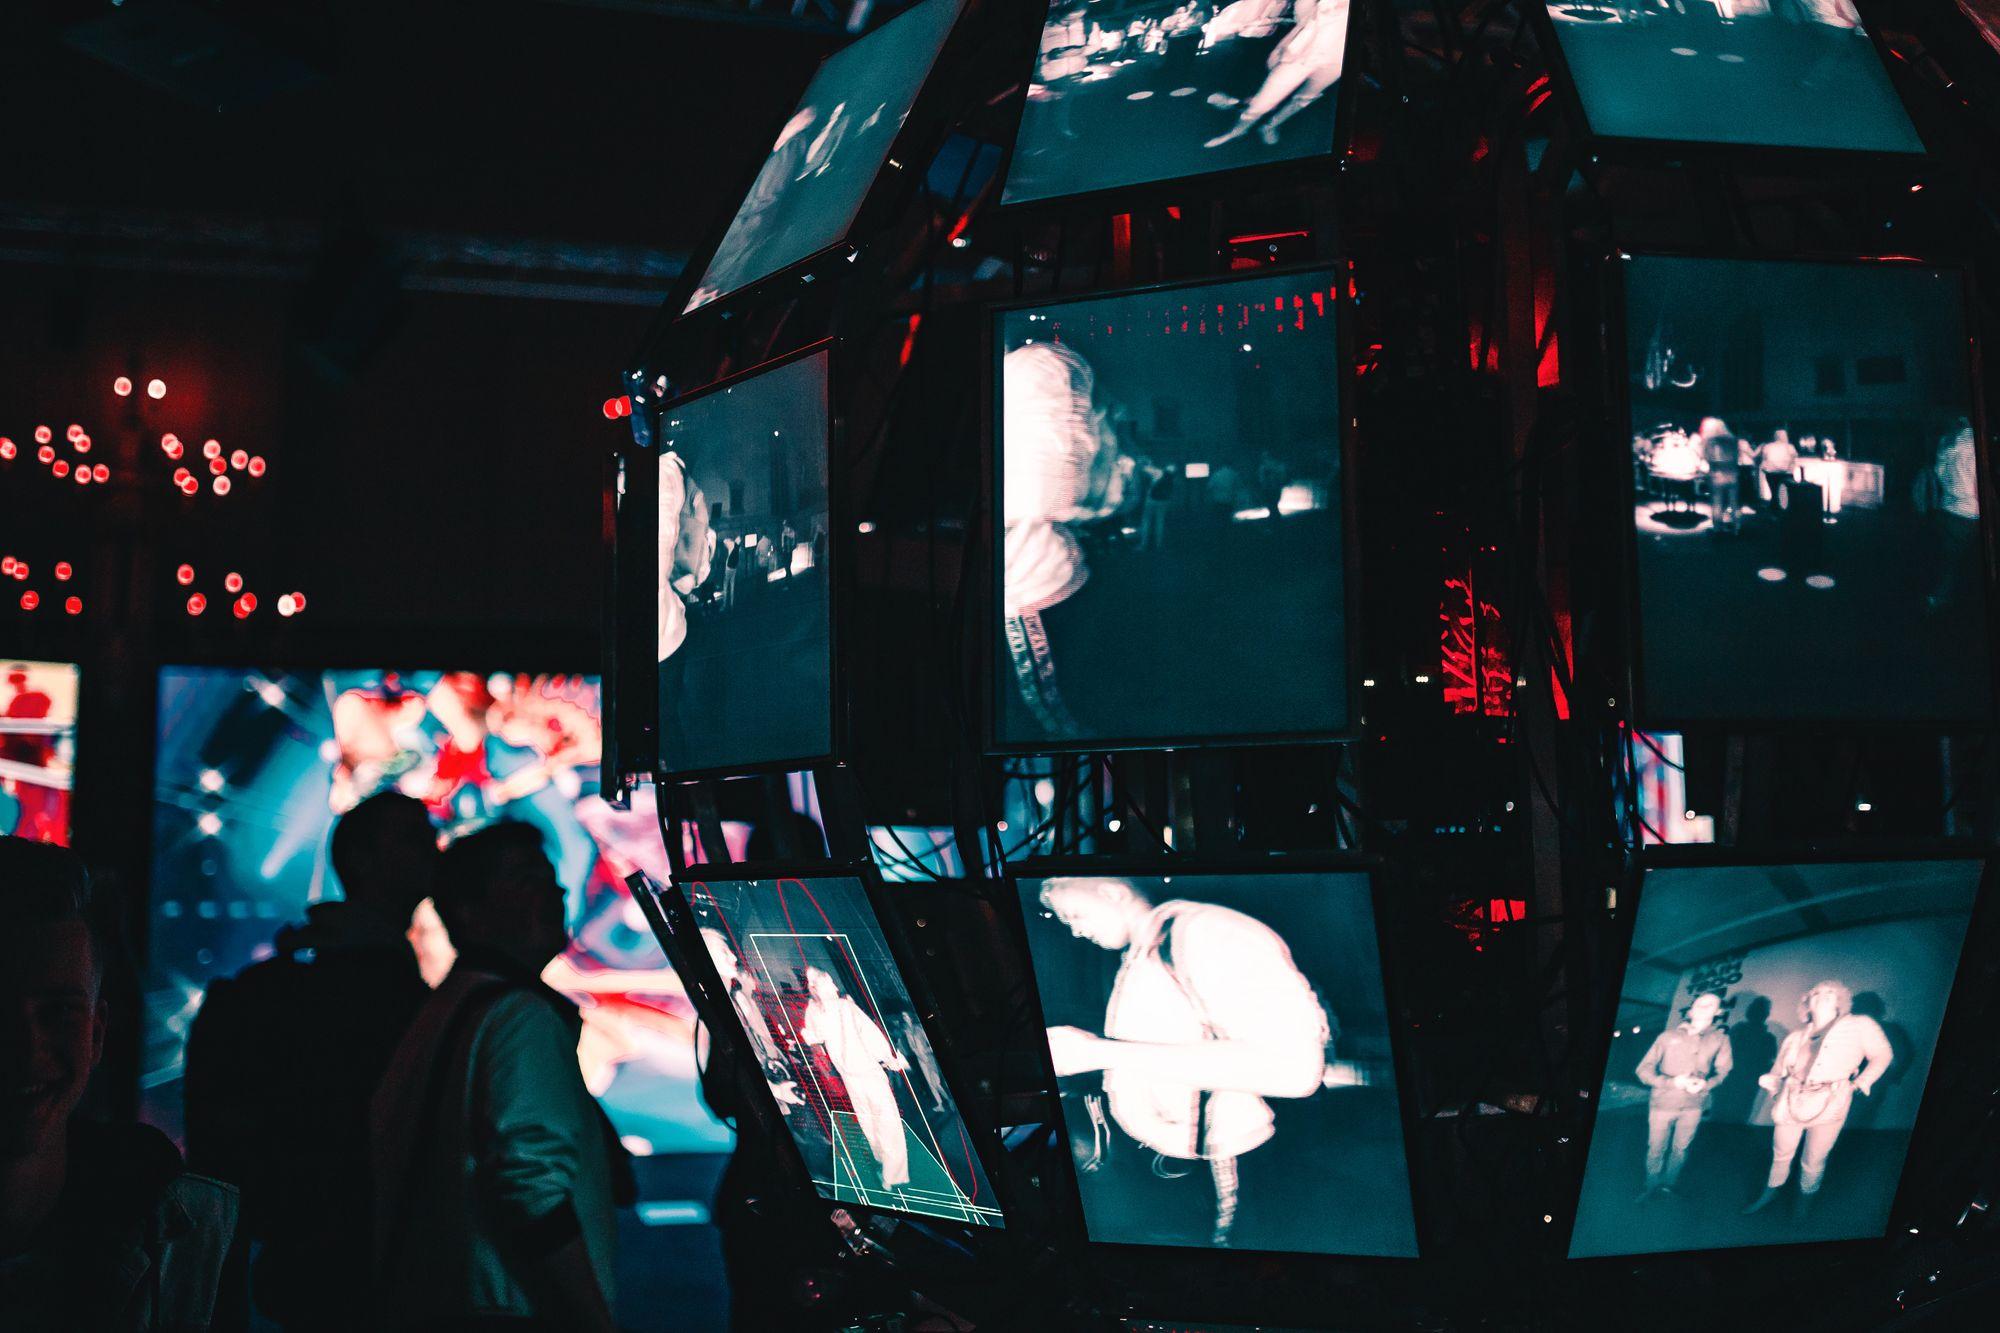 Écrans de surveillance